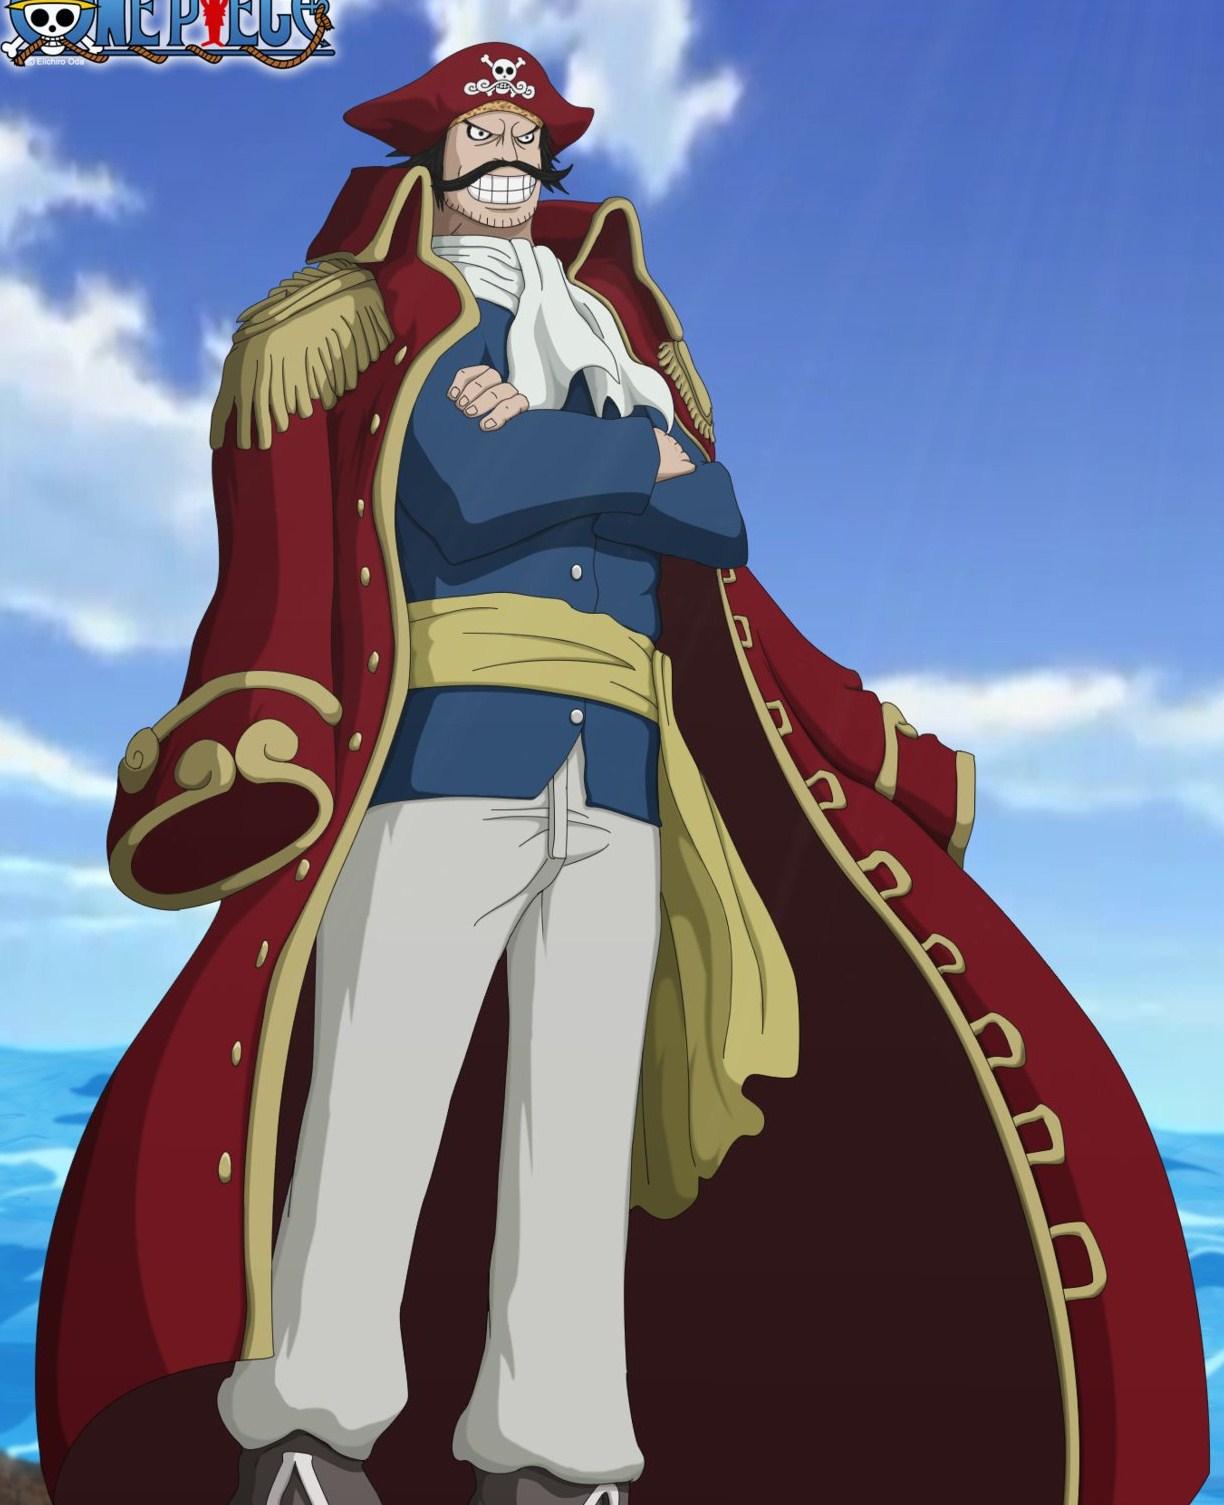 Legendary pirate's coat Gold_D_Roger_Seigneur_des_pirates